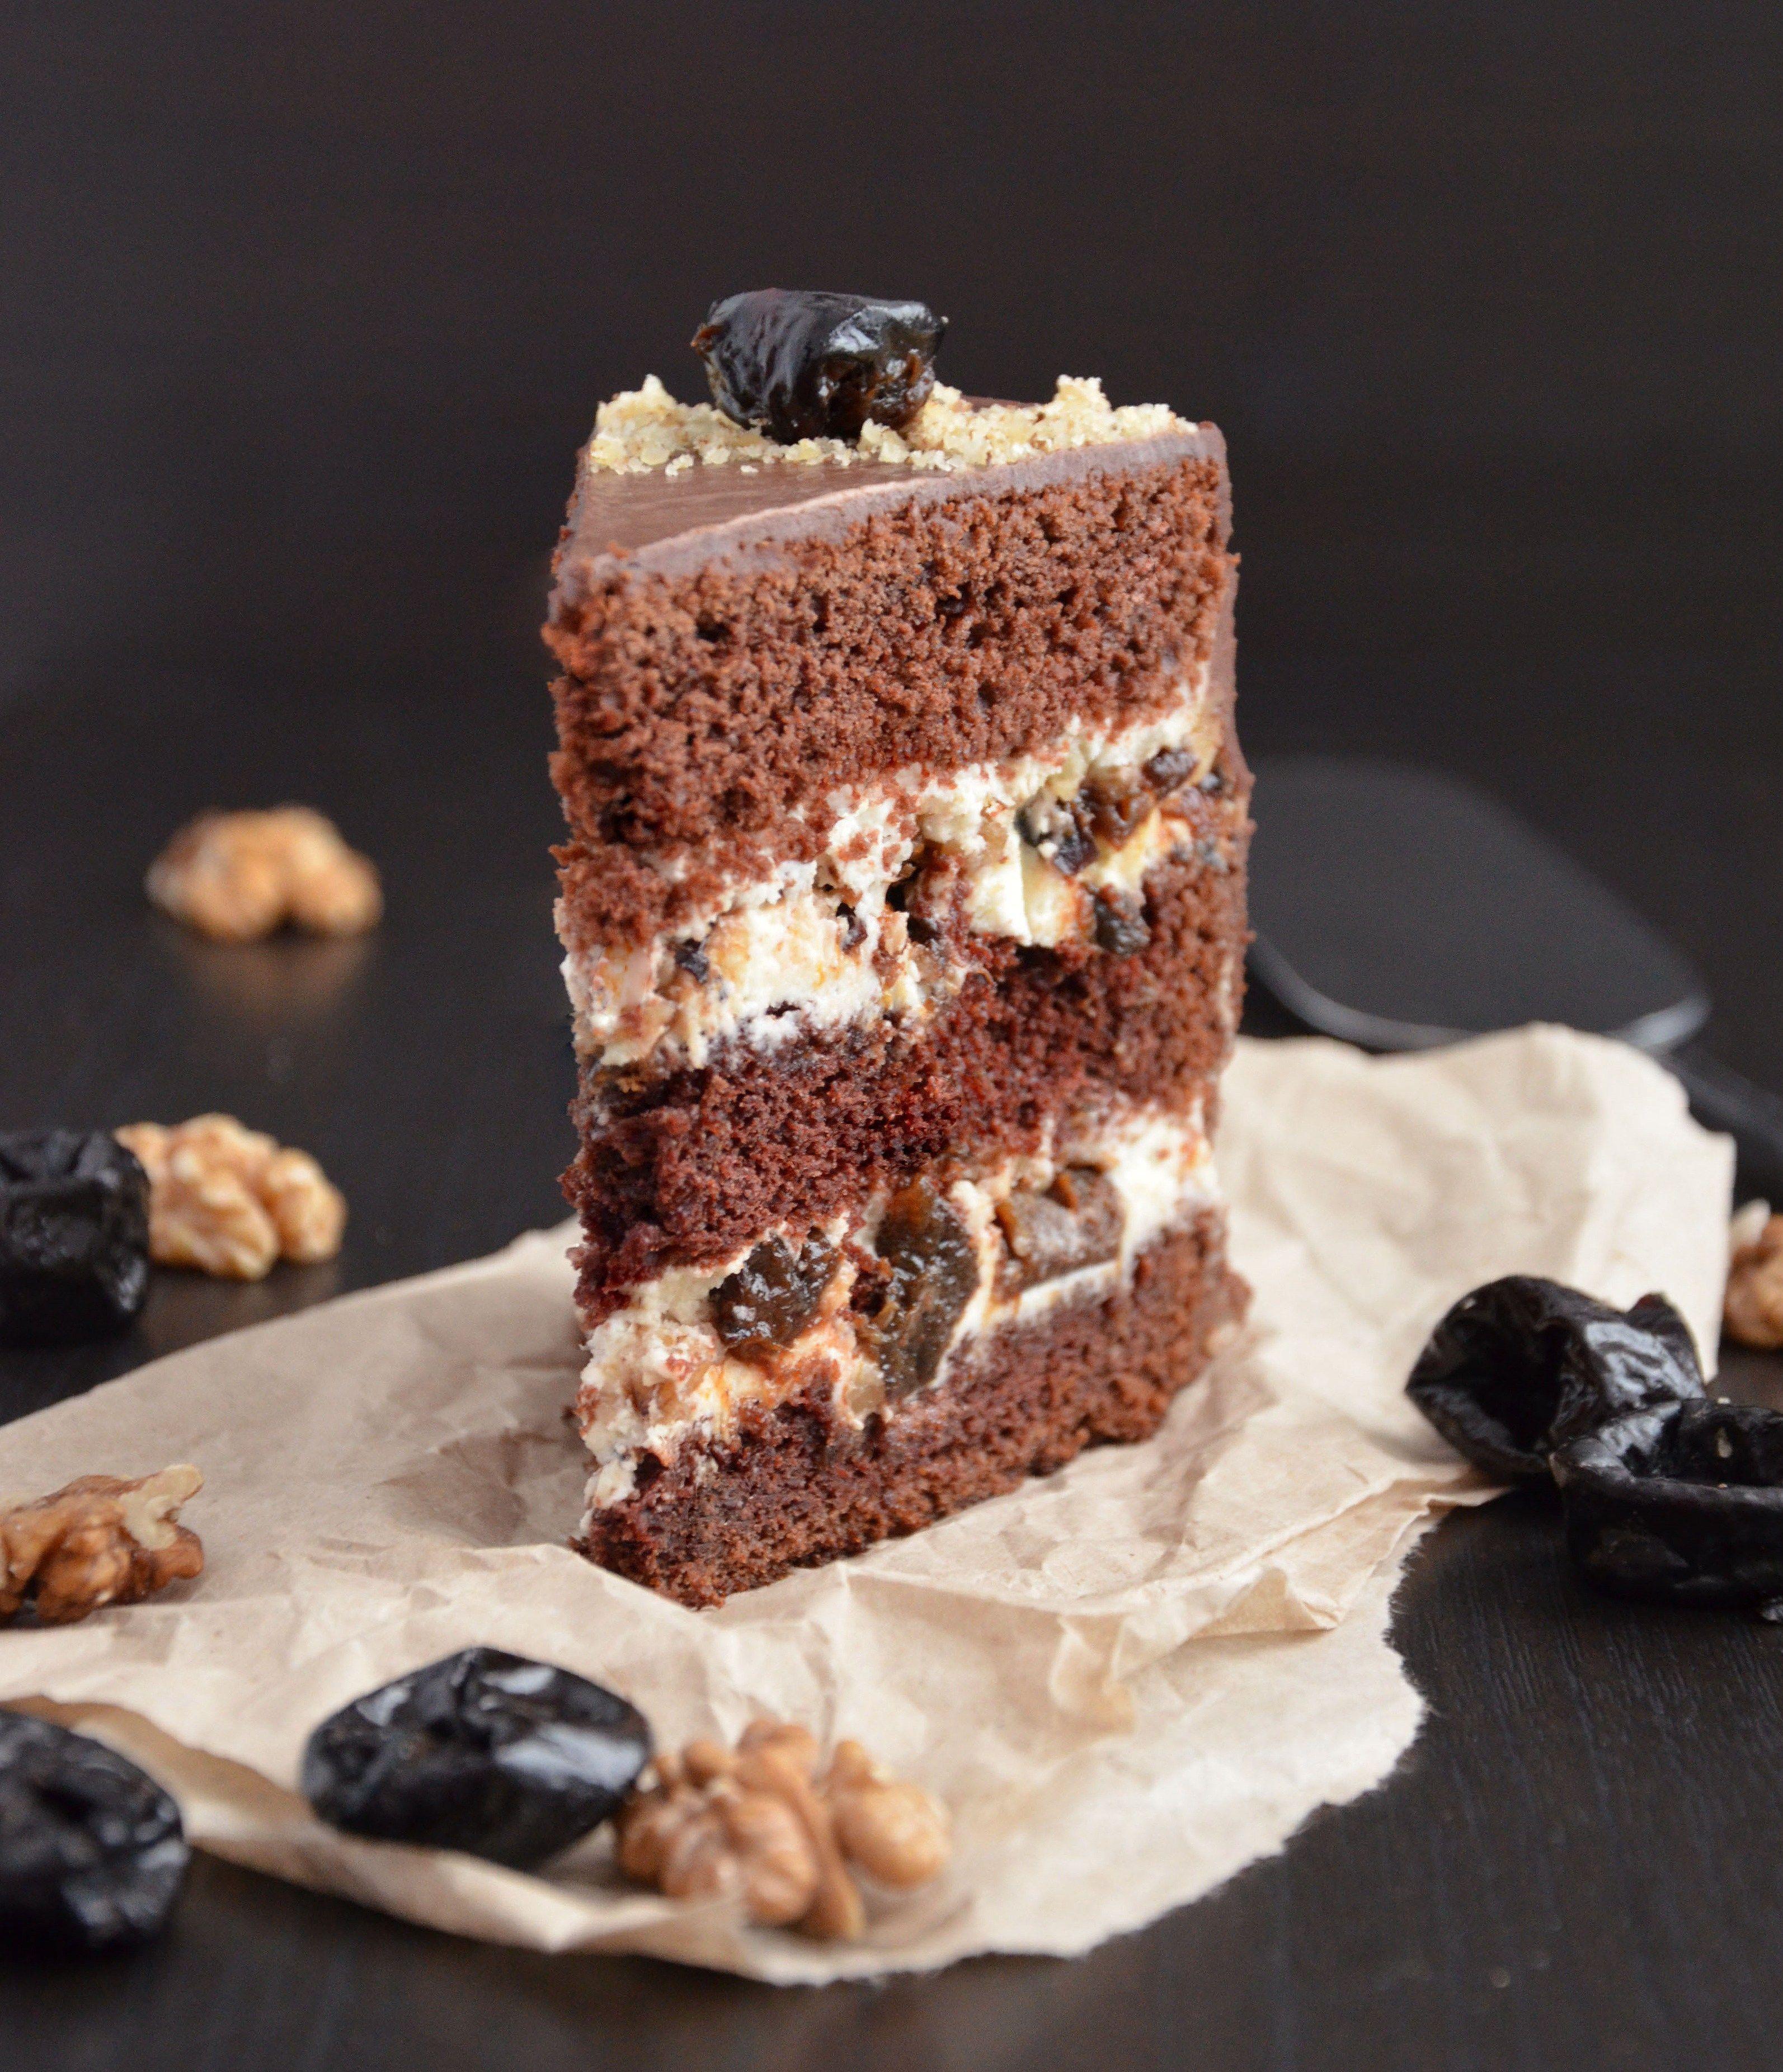 коржи шоколадные для торта бисквитные